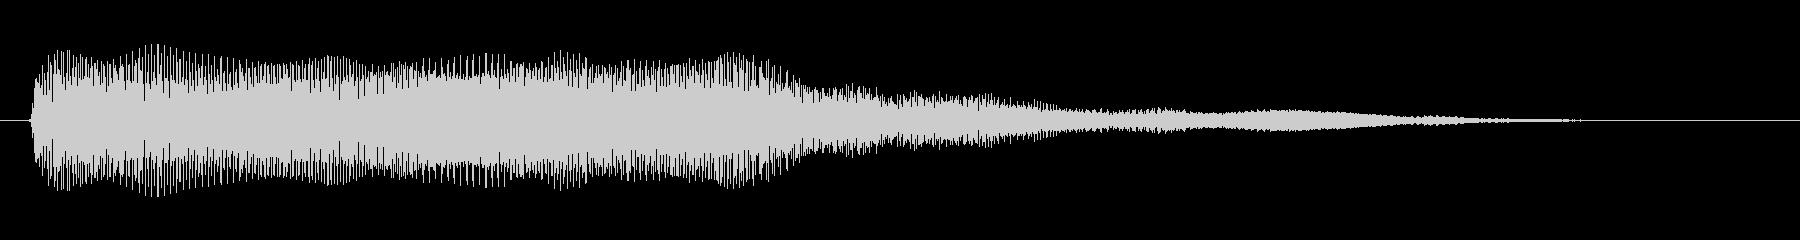 素材 シンセトレブルベース01の未再生の波形